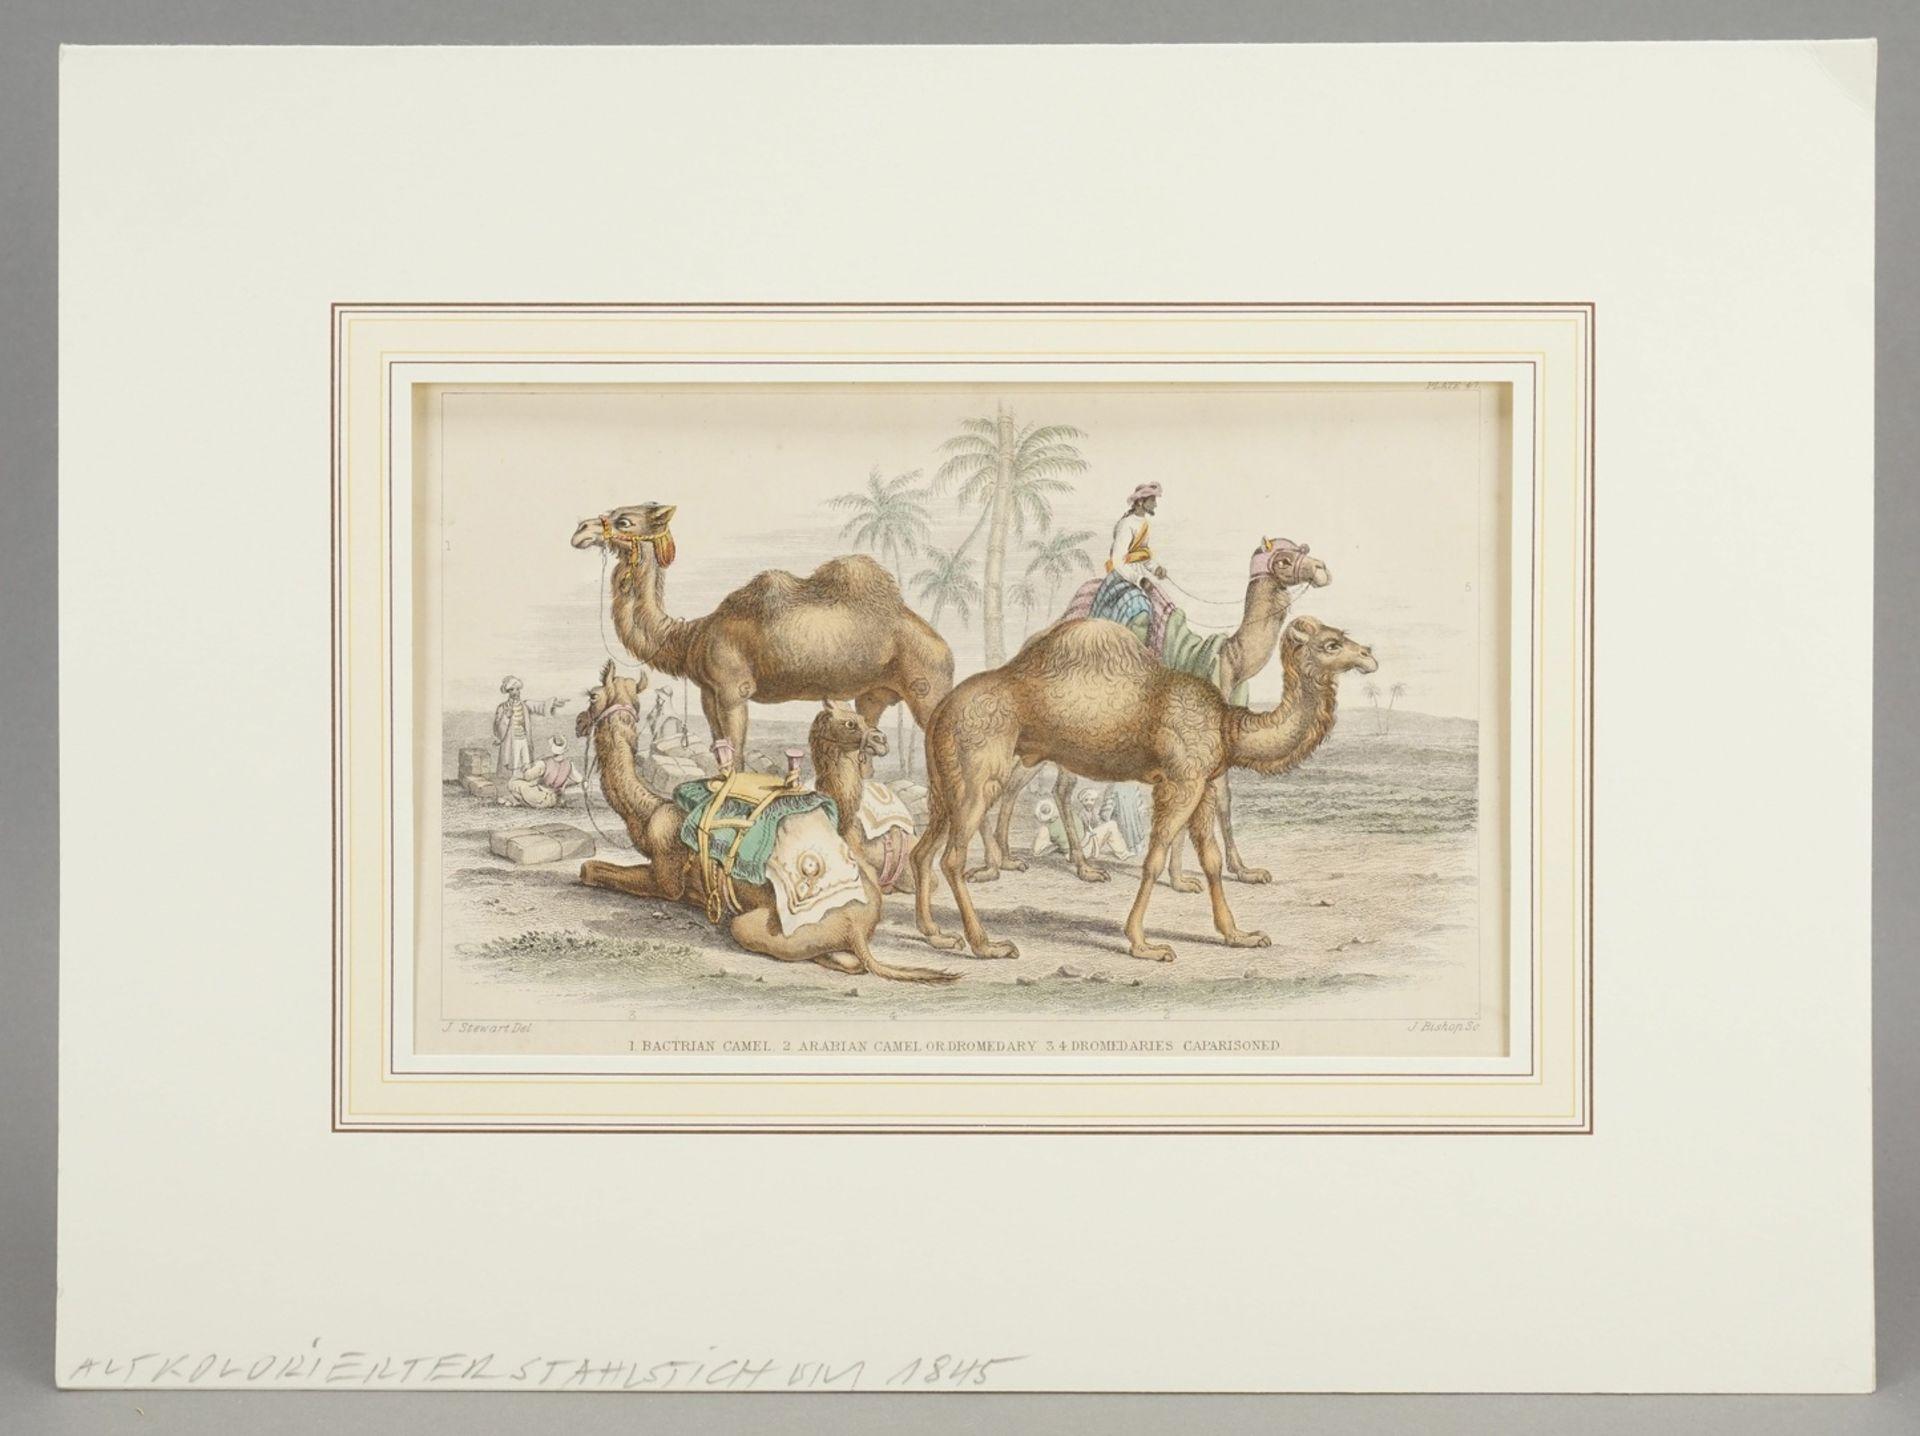 Naturkundliches Blatt zu Kamelen - Bild 2 aus 3